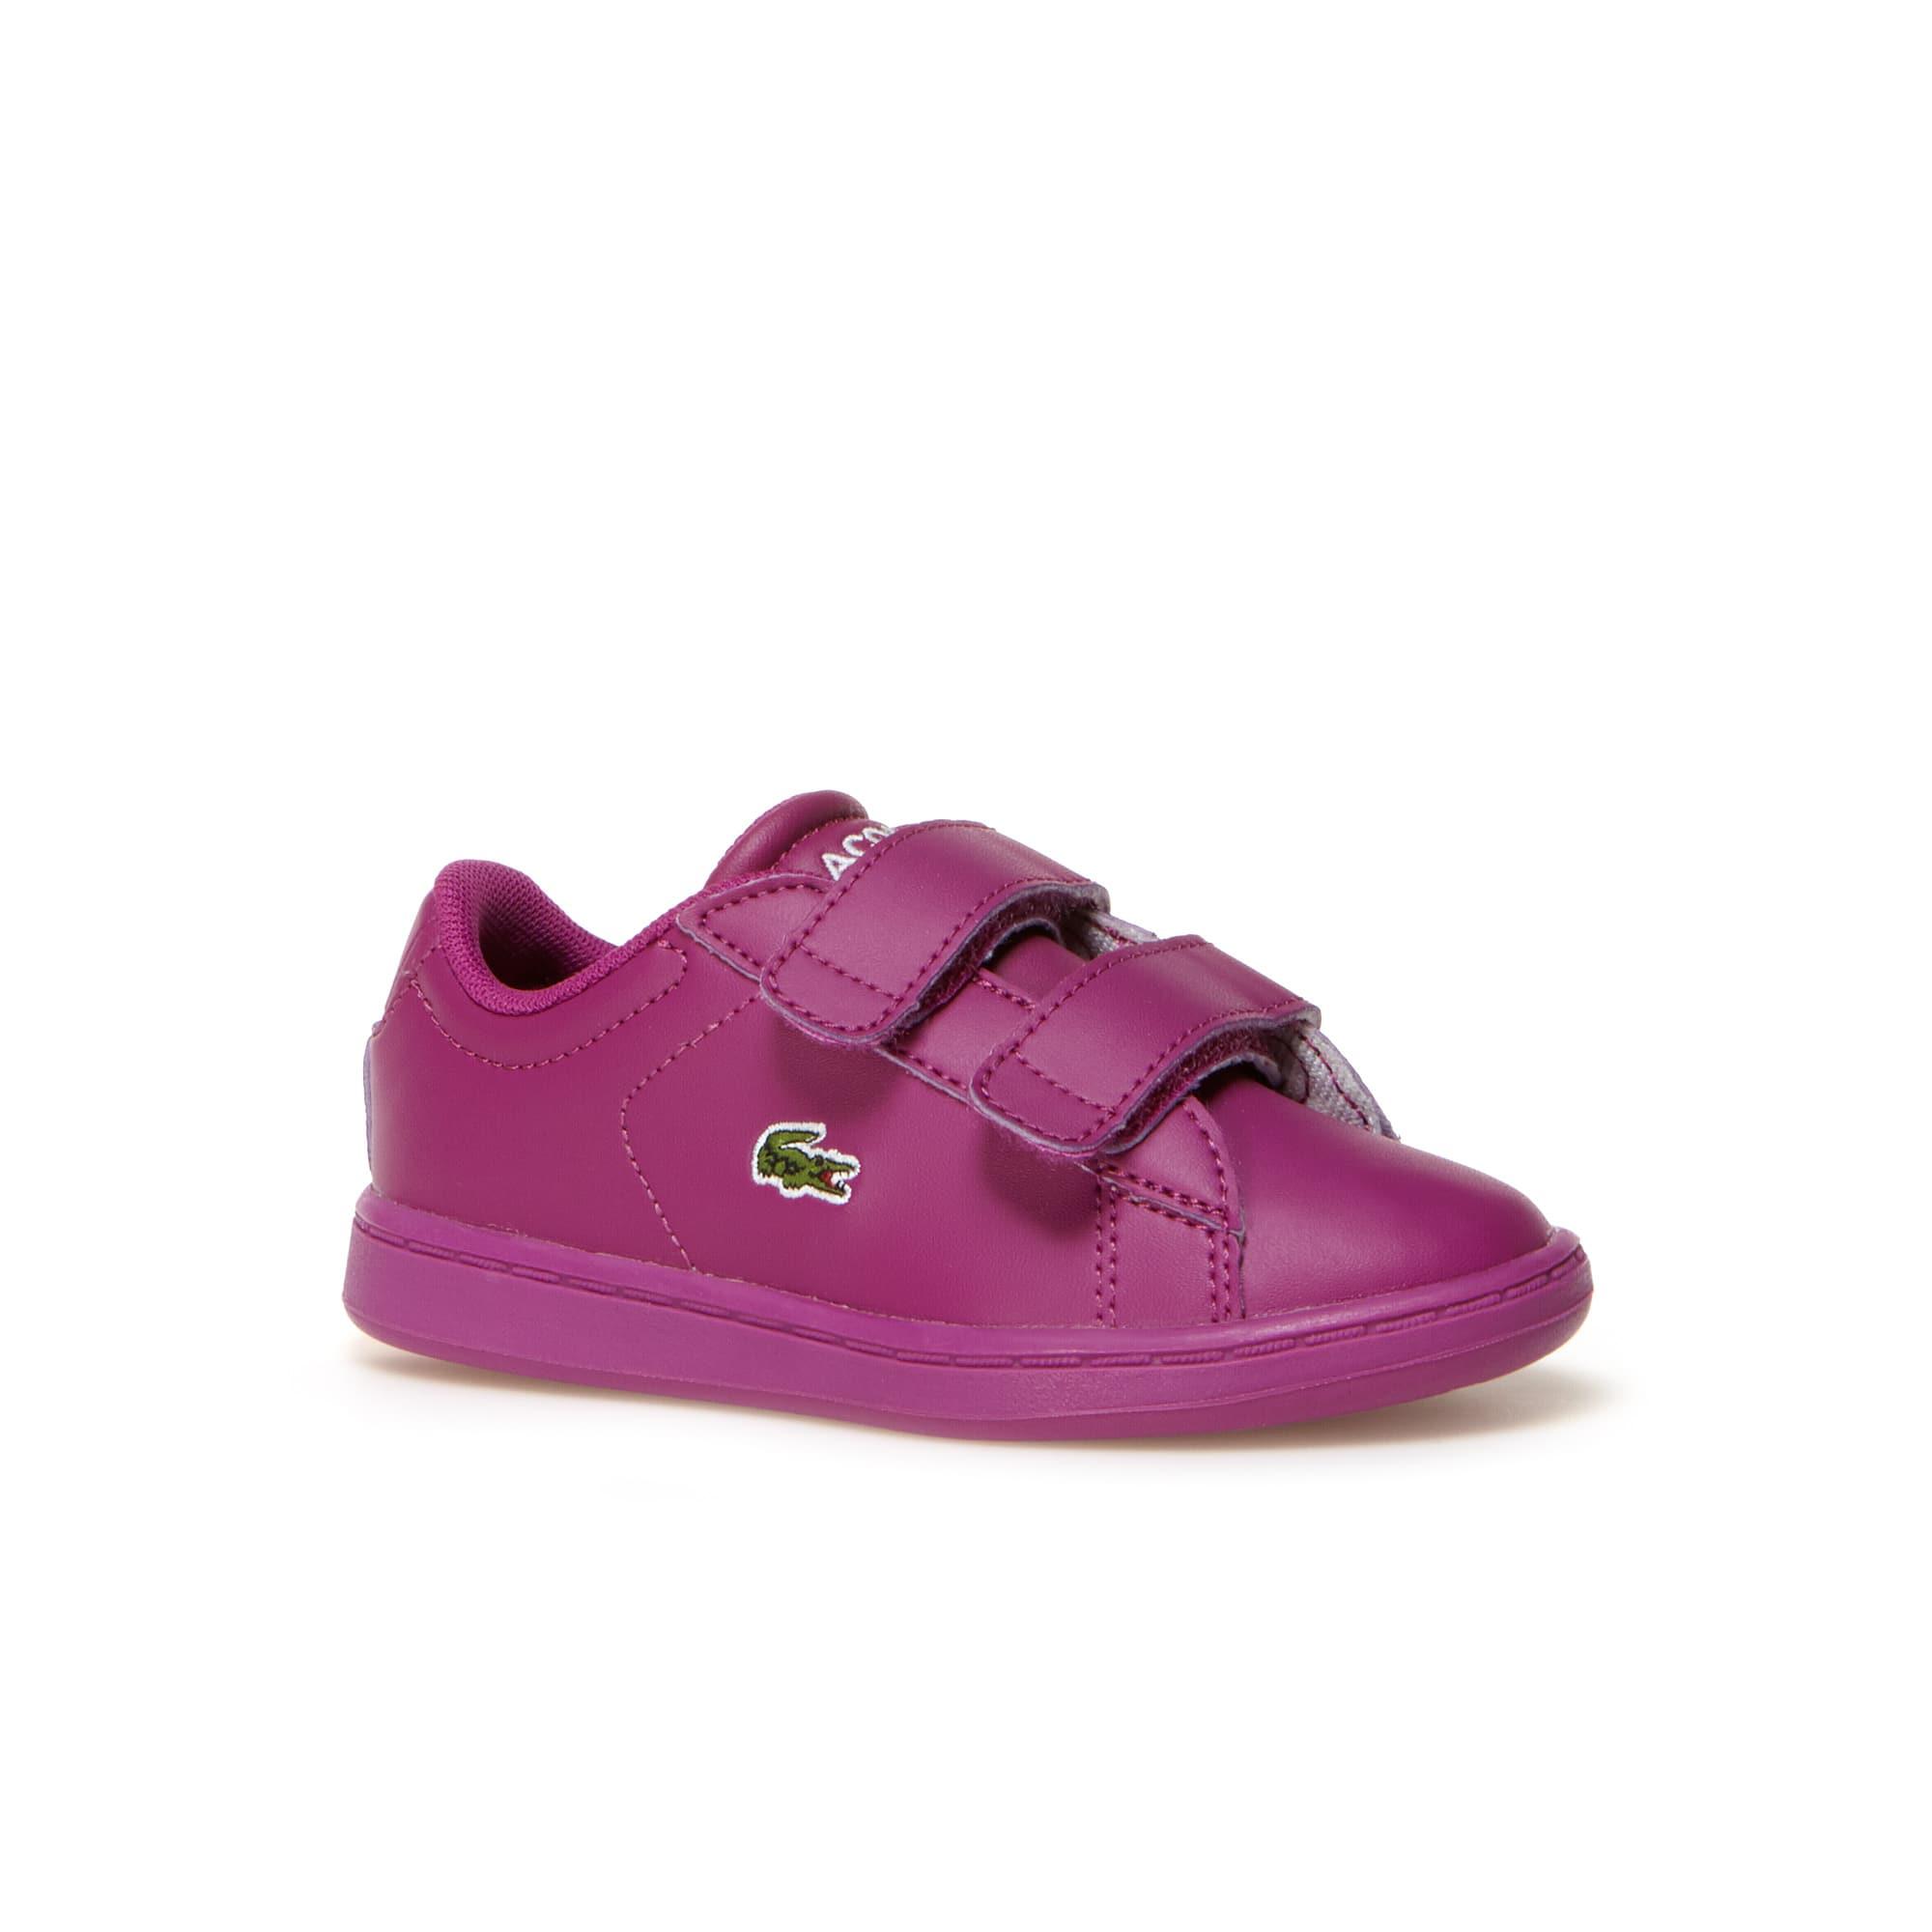 Sneakers Enfant Carnaby Evo colorées à Scratchs